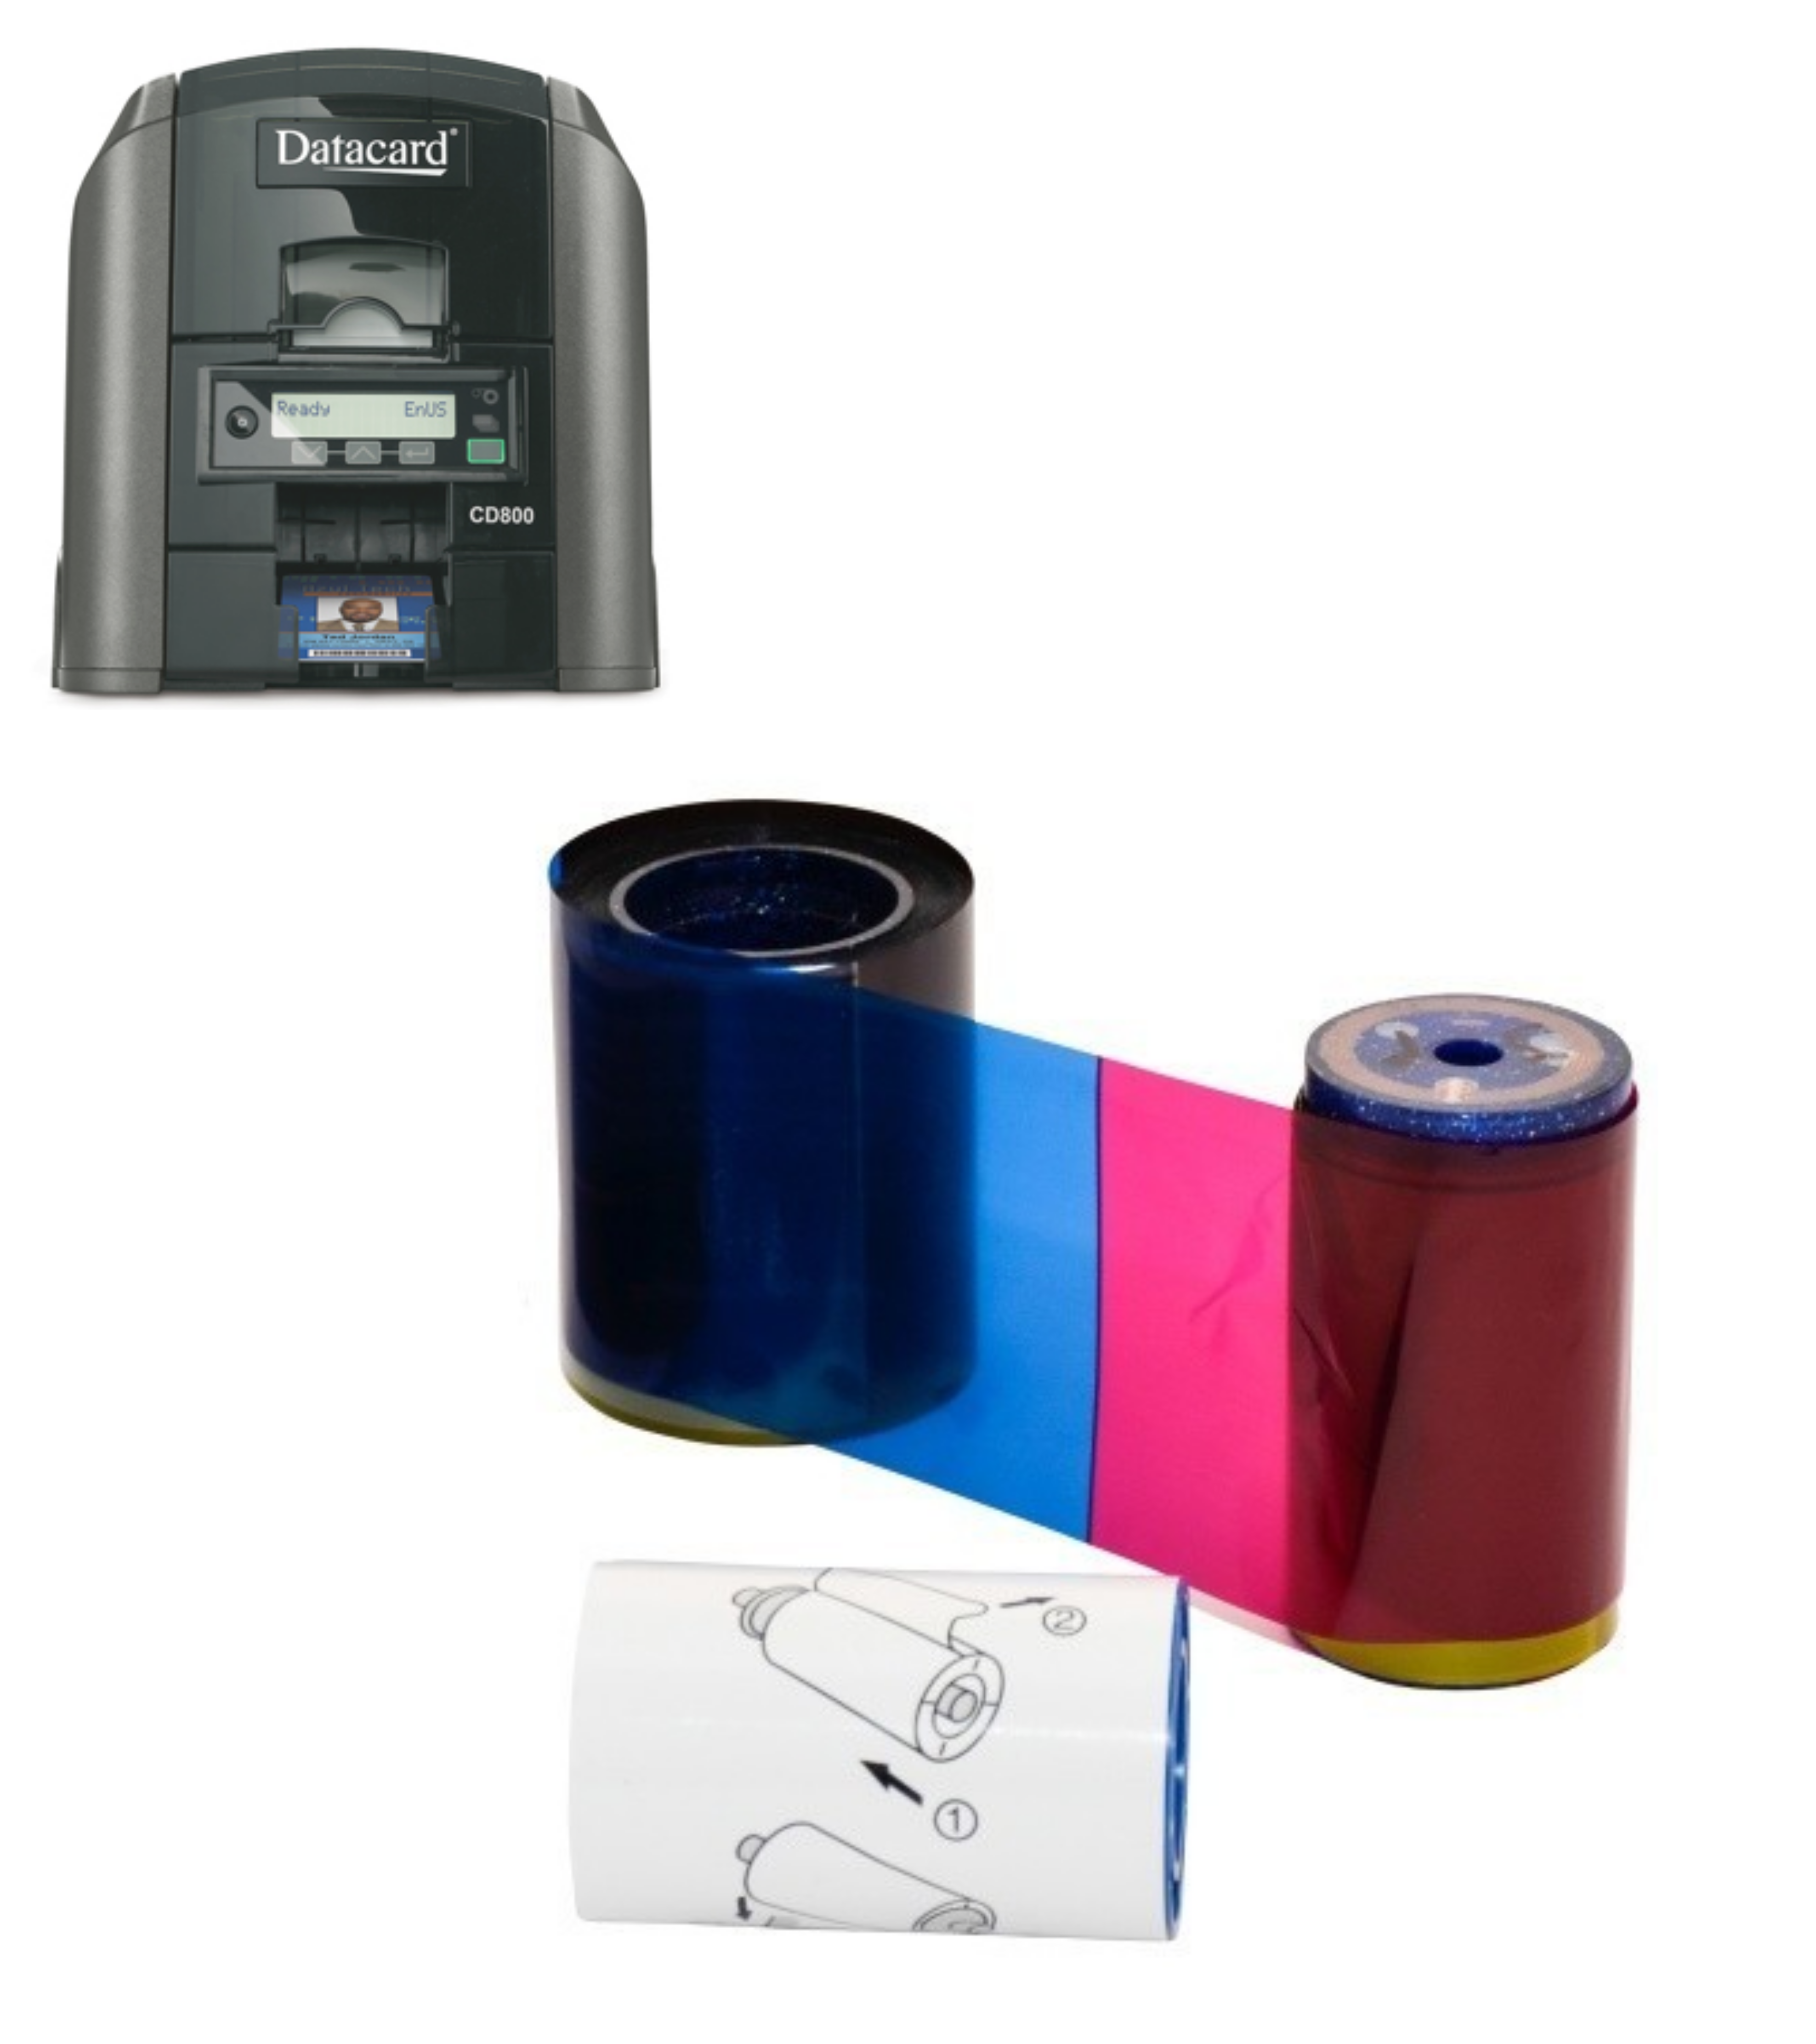 Datacard CP80, CP80 Plus et CD800 - Rubans d'impression Cardalis